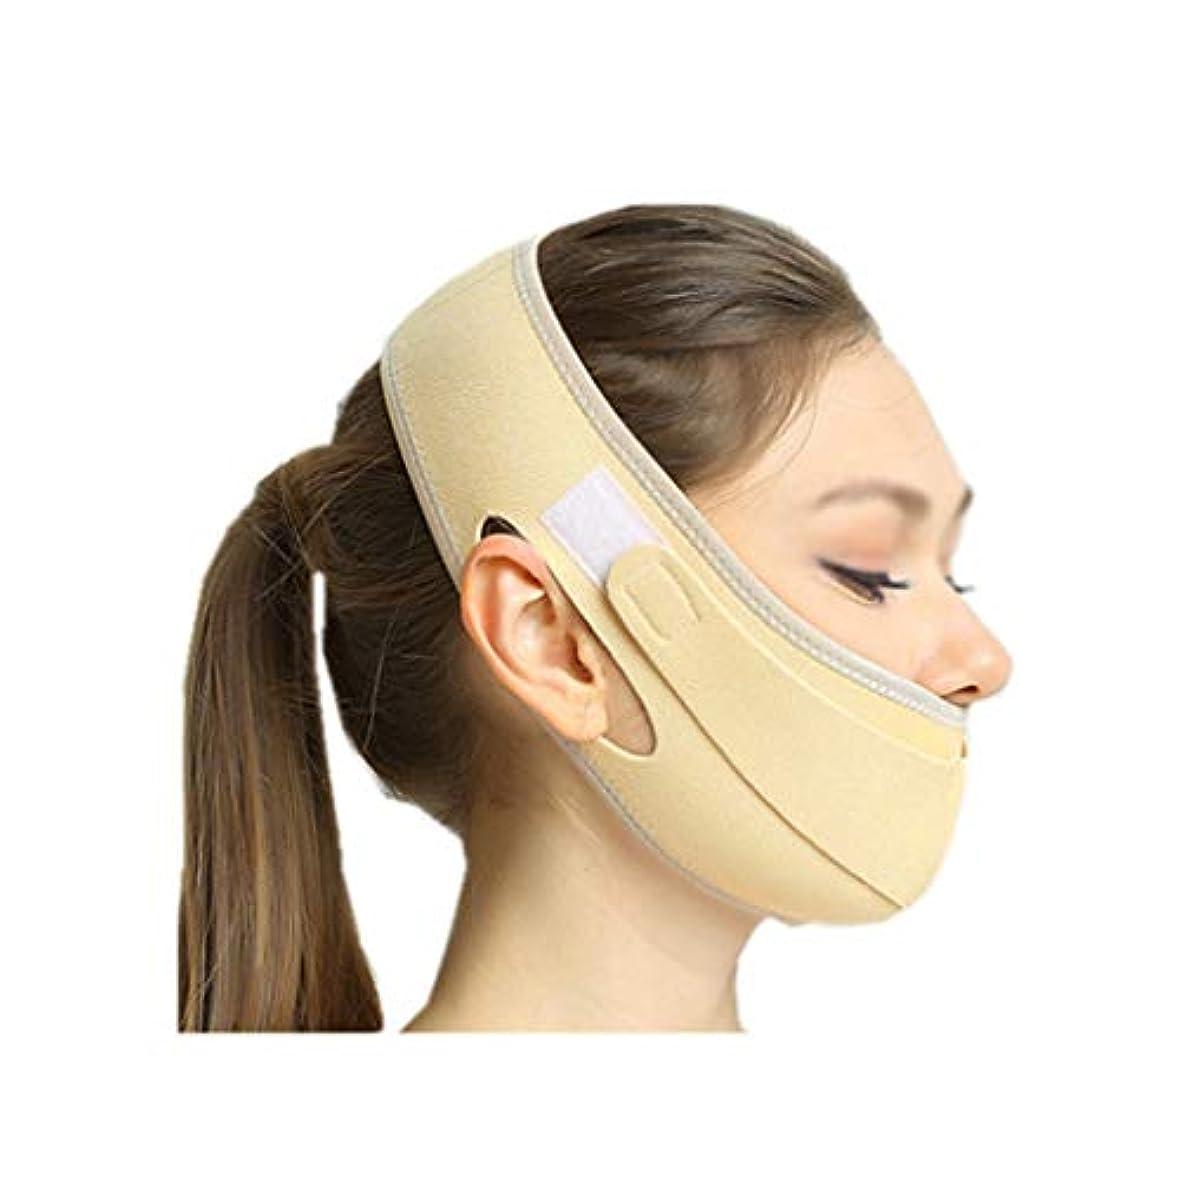 刈るさまようファンタジーXHLMRMJ 薄い顔で眠り、ラインカービング後に包帯を復元し、薄いダブルチンがマスクマスクを持ち上げ、2つのスタイルから選択できます (Color : A)